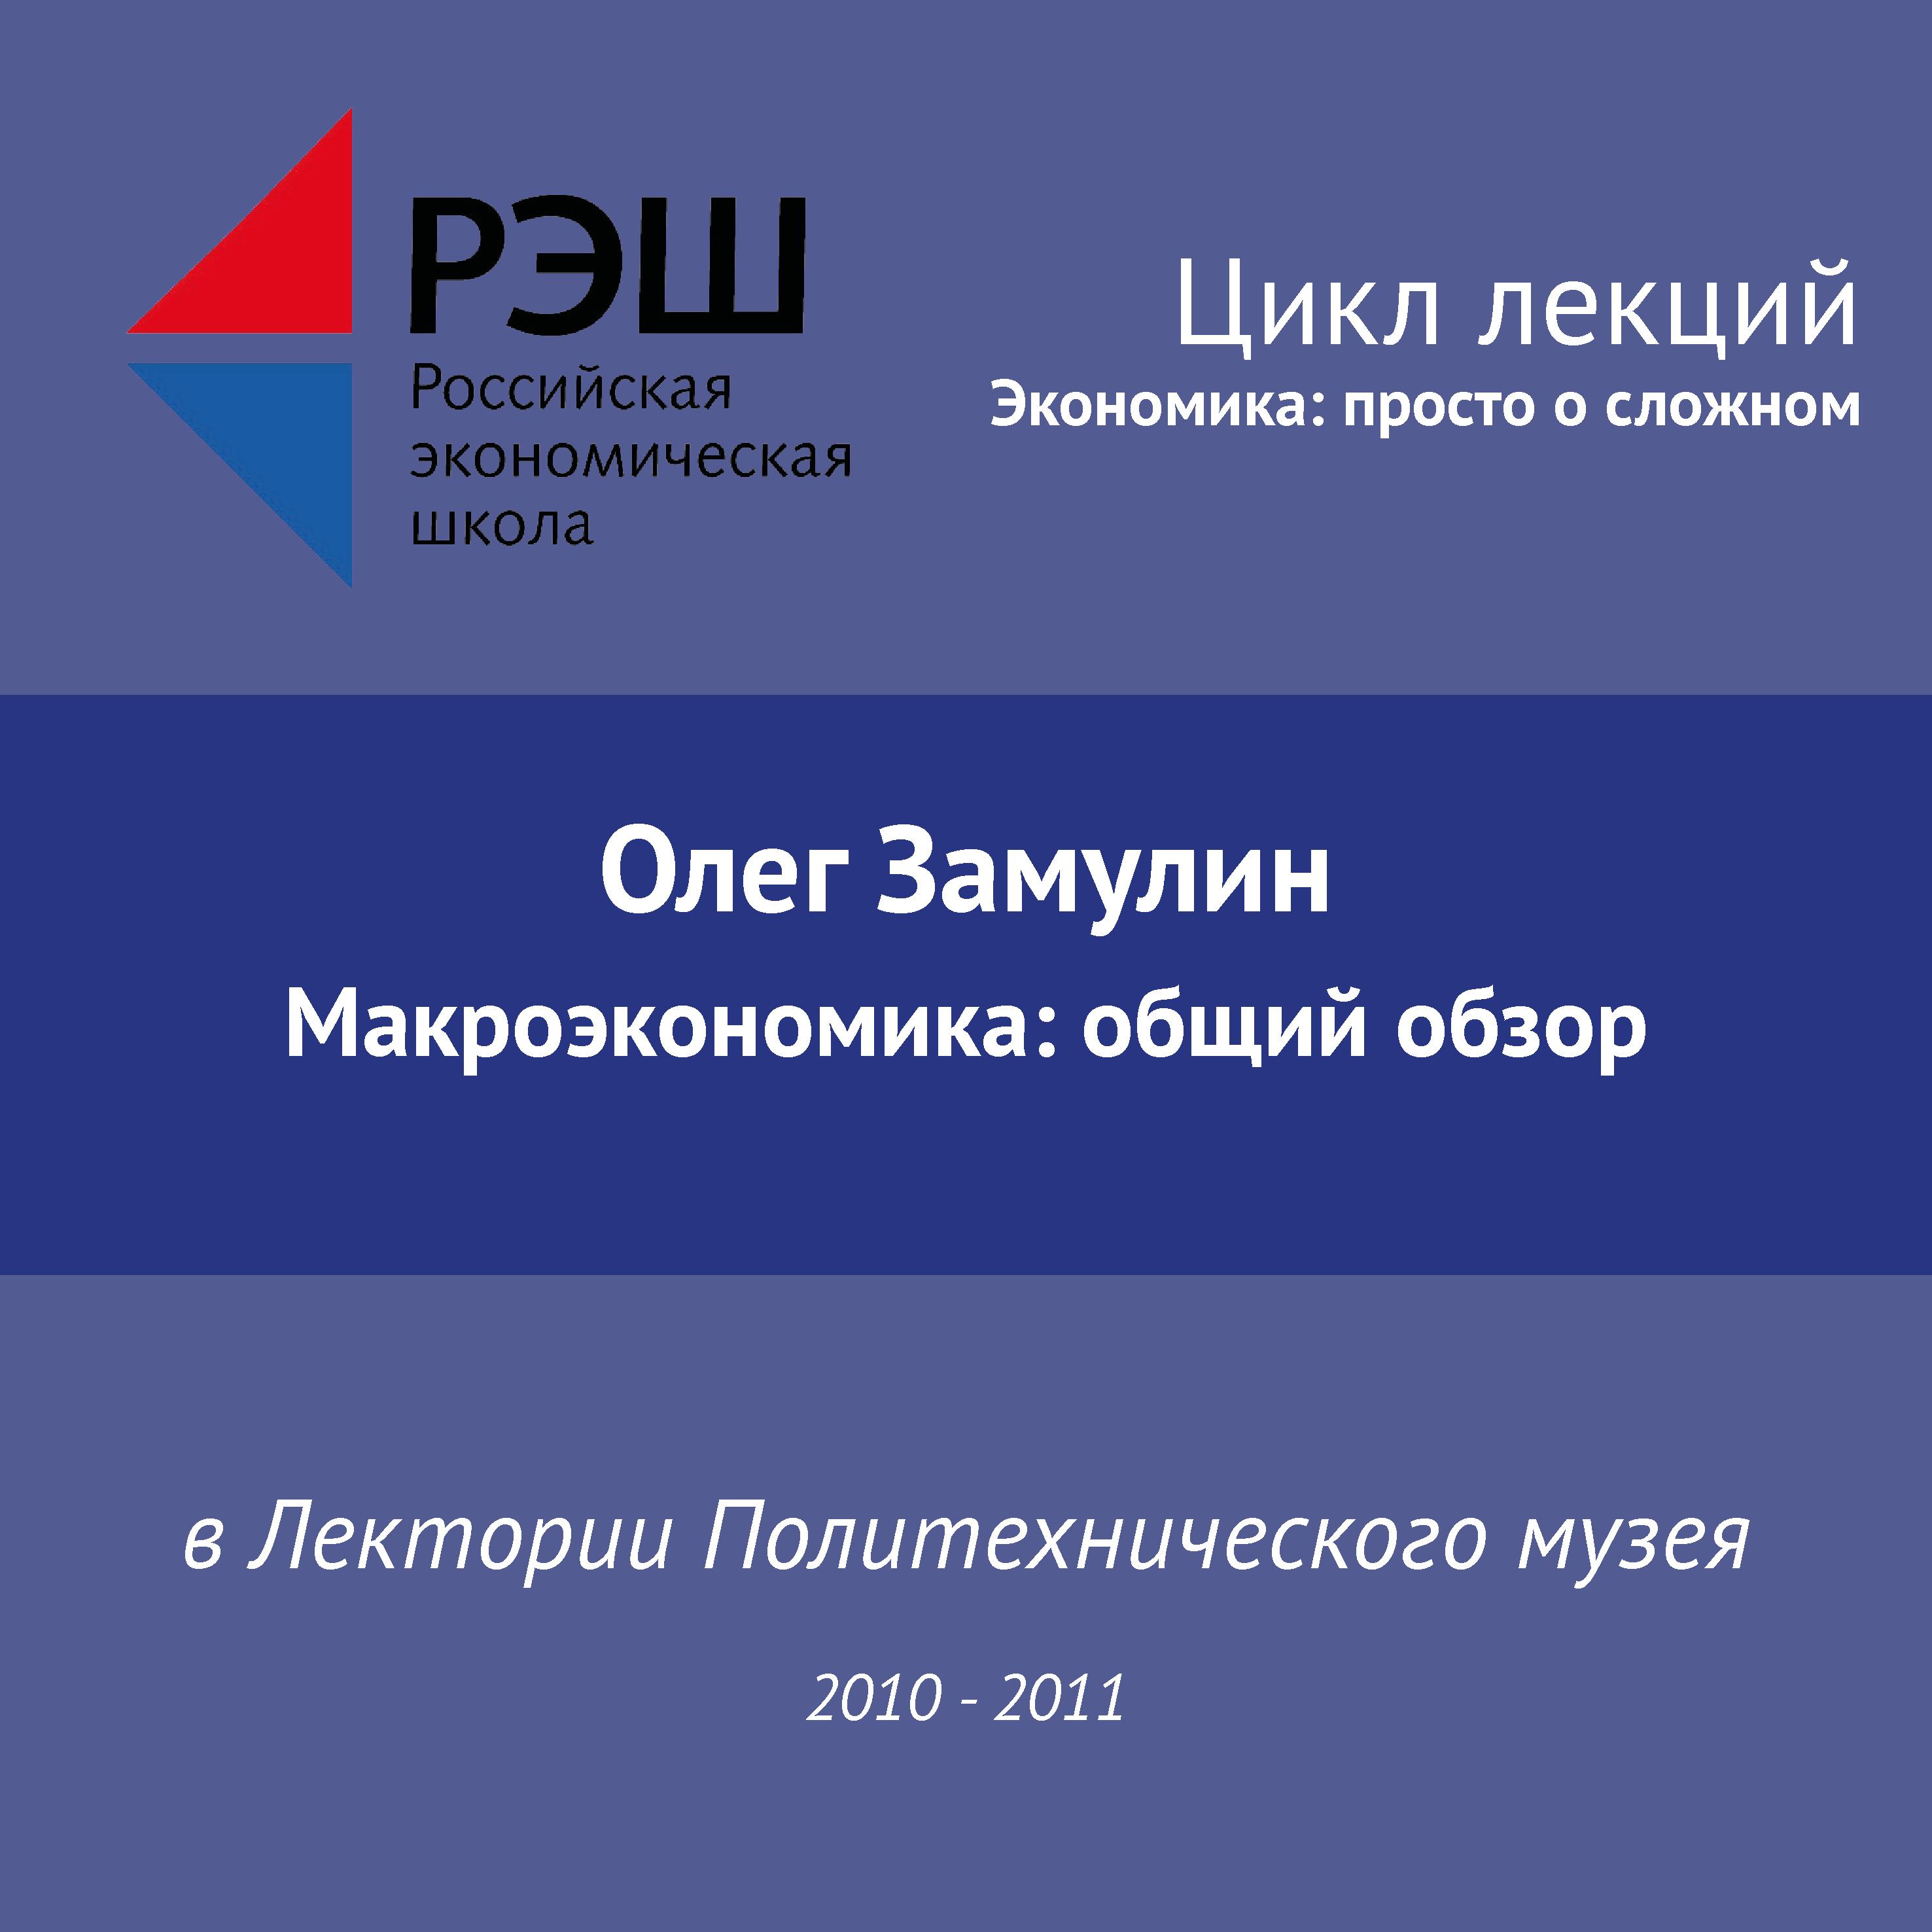 Олег Замулин Лекция №13 «Макроэкономика: общий обзор»